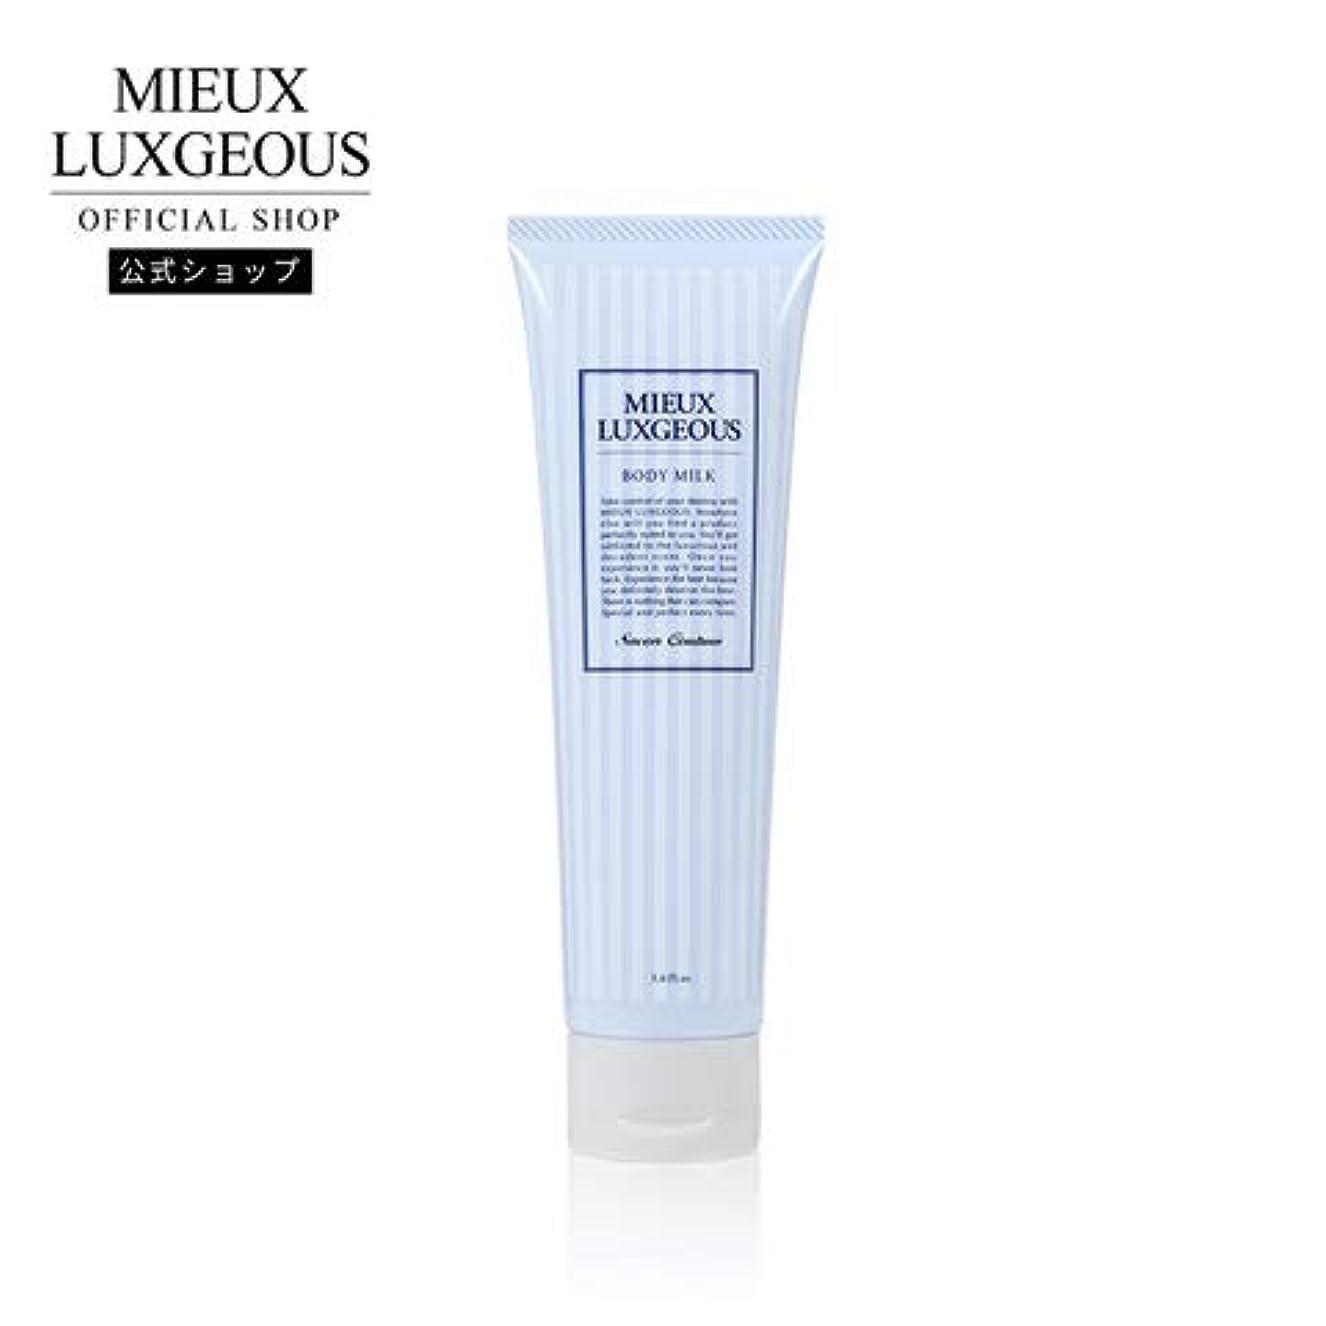 リスキーなバルーン傾向があるミューラグジャス ボディミルク Savon Coutureの香り